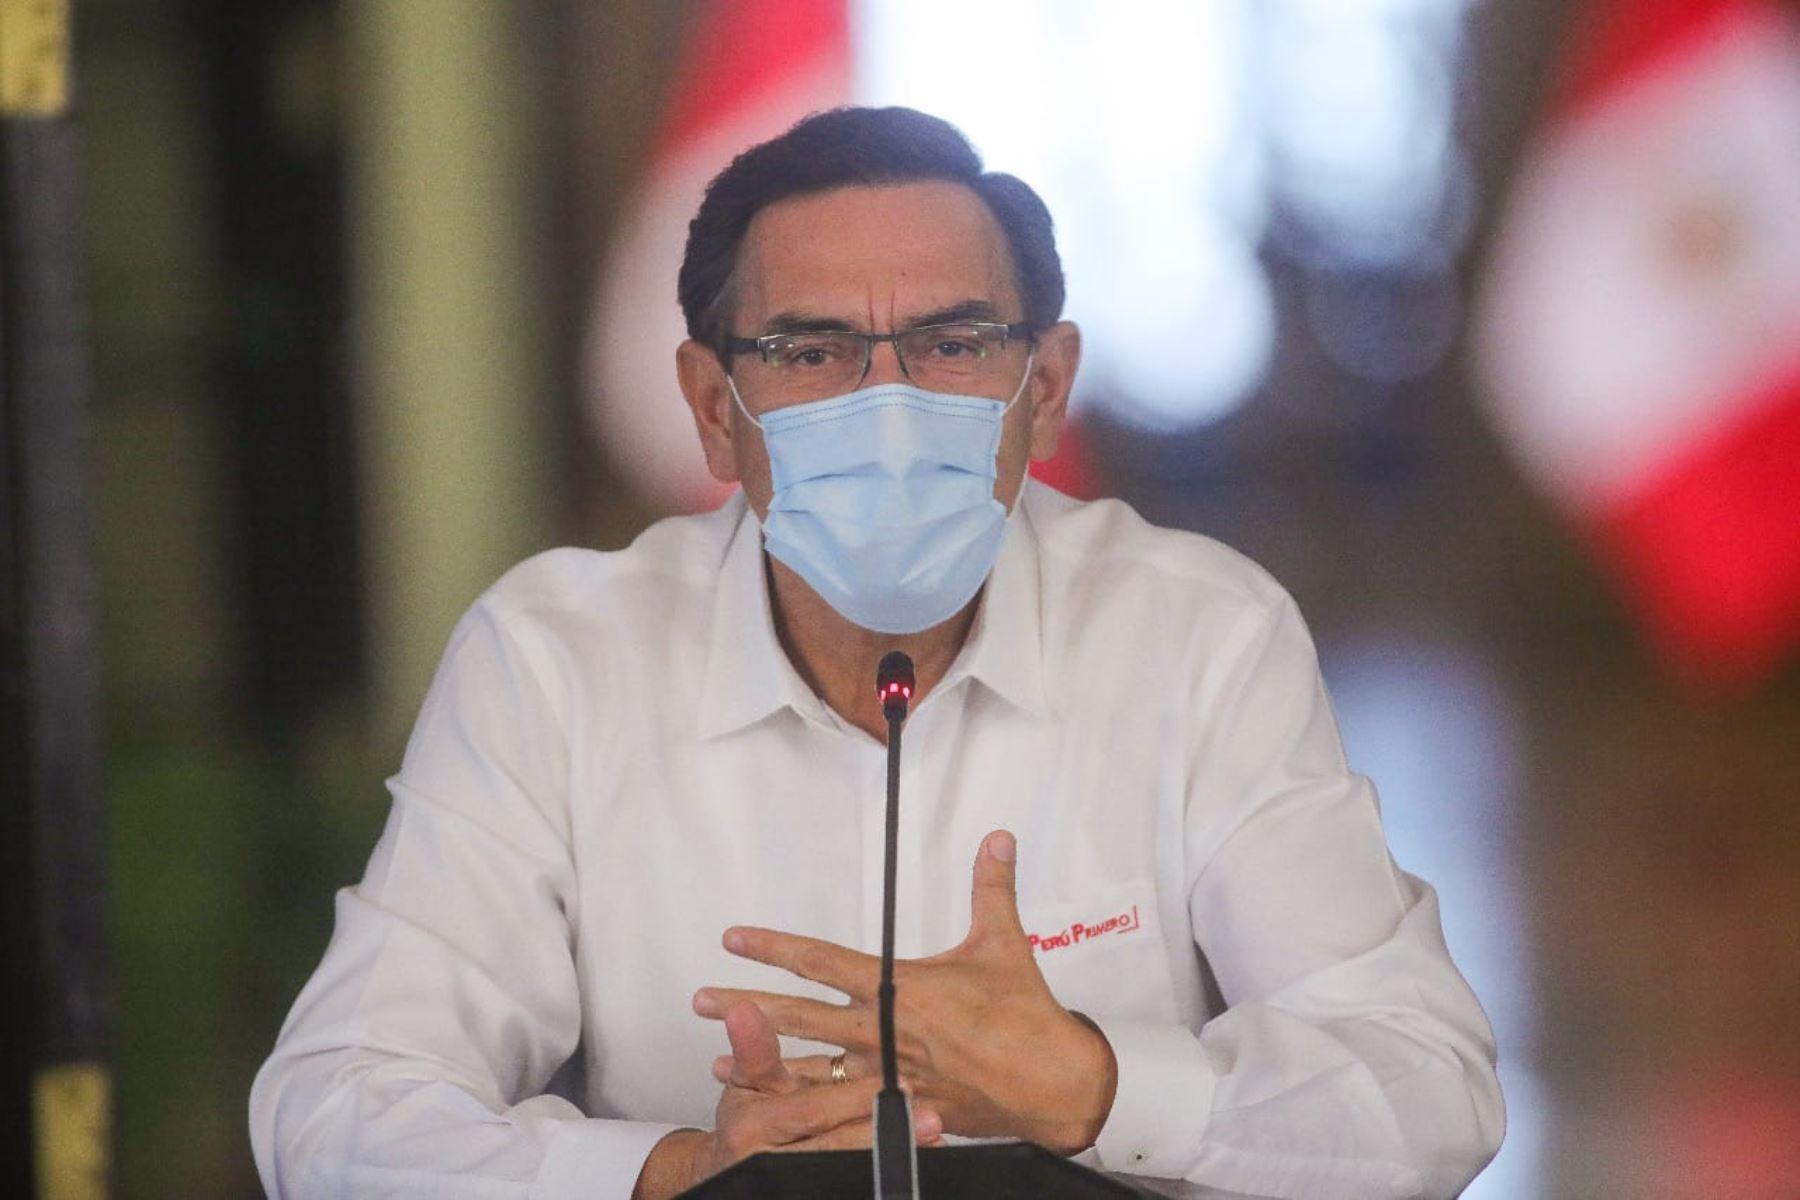 Tres Relatores de las Naciones Unidas esperan respuesta a carta enviada a presidente Vizcarra